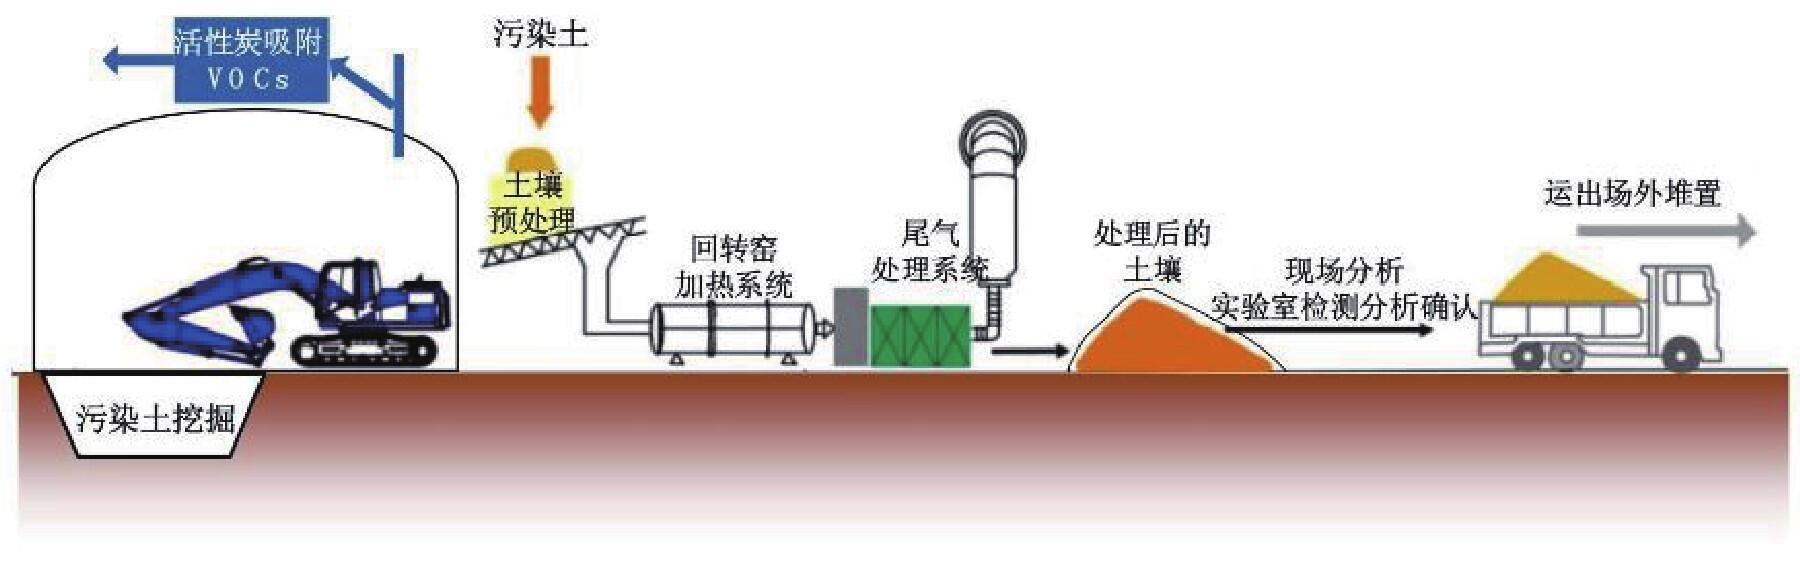 土壤修复系统工艺图.jpg